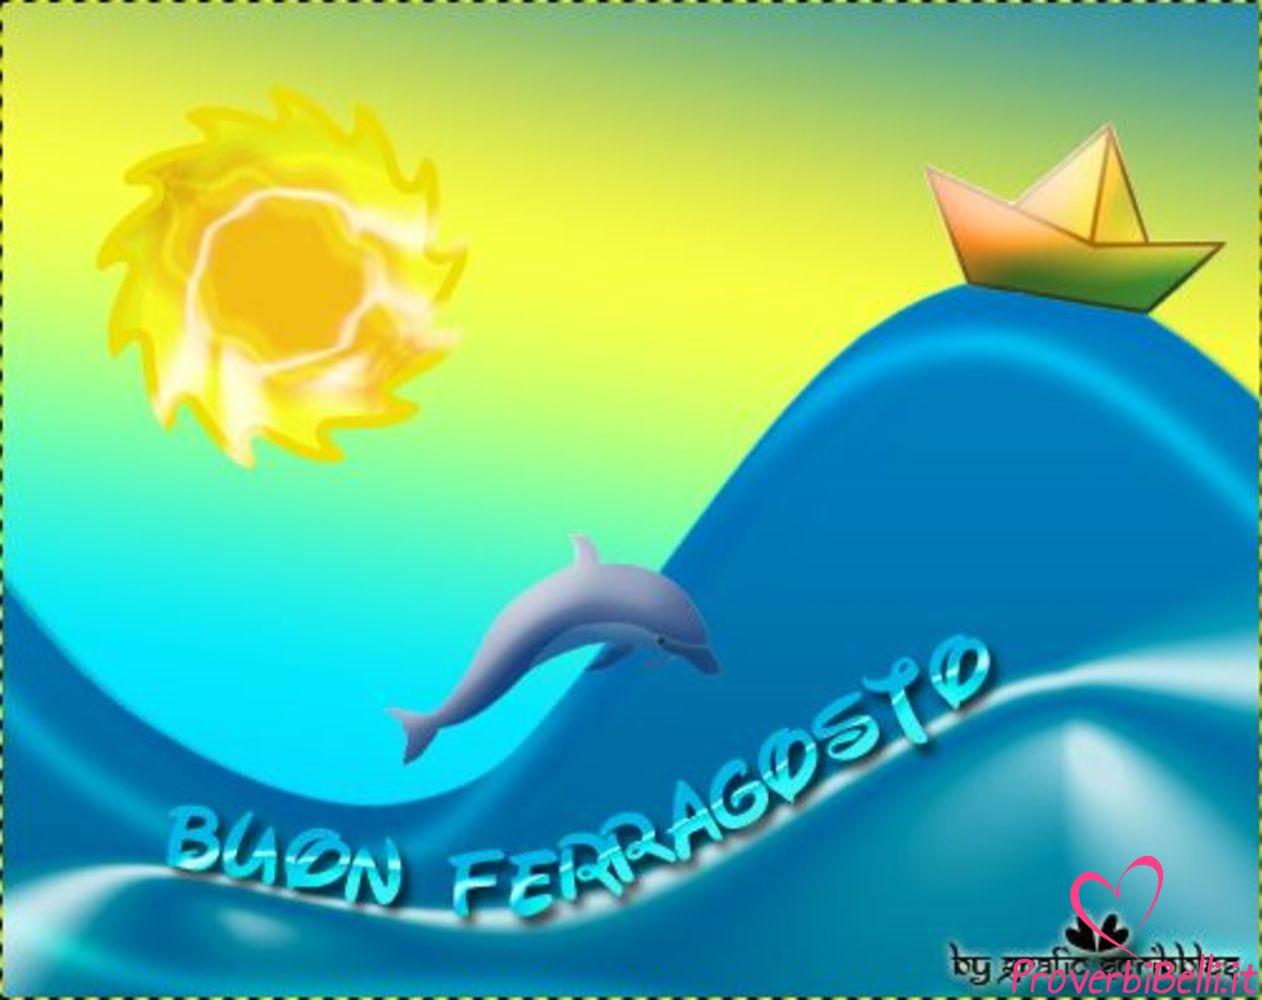 Buon-Ferragosto-Immagini-Whatsapp-51